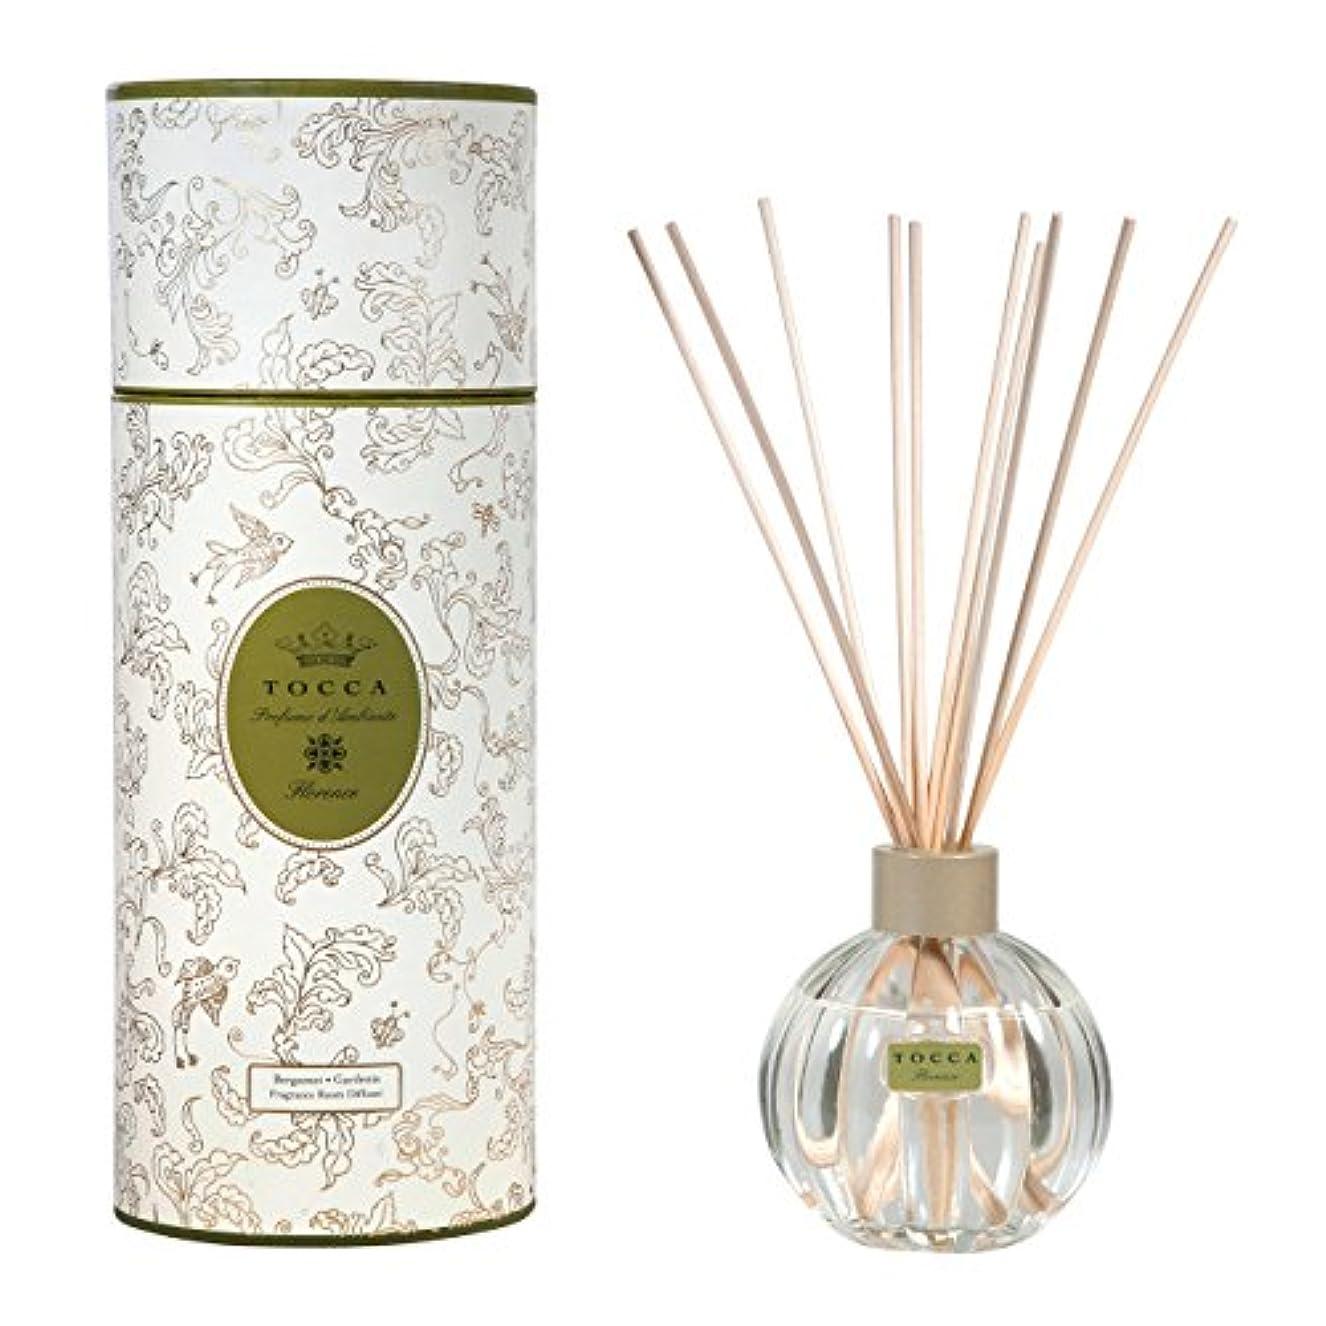 心配する該当するタヒチトッカ(TOCCA) リードディフューザー フローレンスの香り 175ml 3~4ヶ月持続(芳香剤 ルームフレグランス ガーデニアとベルガモットが誘うように溶け合うどこまでも上品なフローラルの香り)